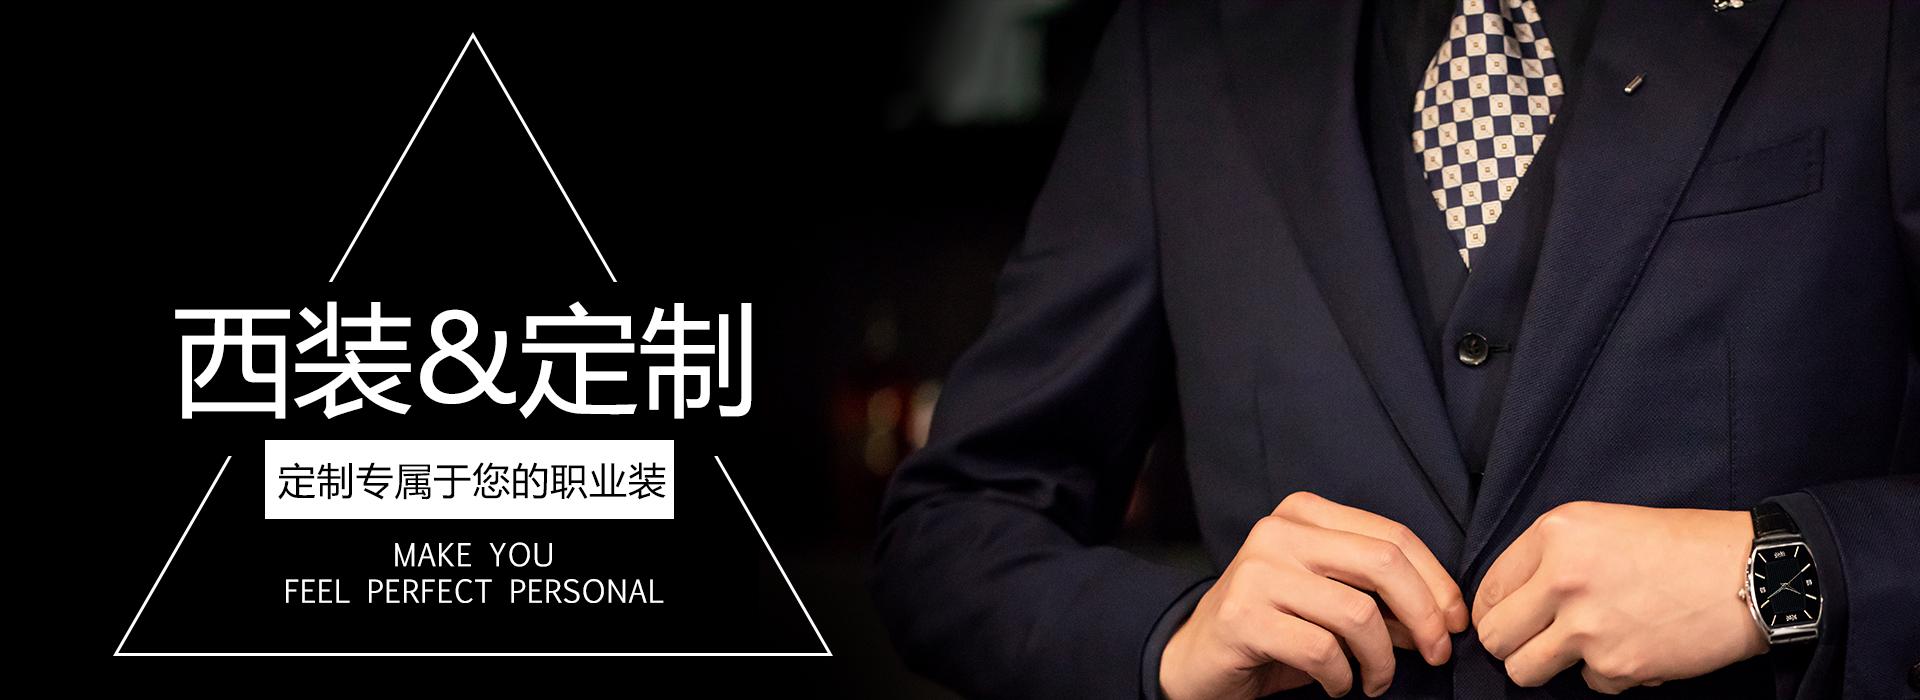 苏州西服千赢国际app 下载